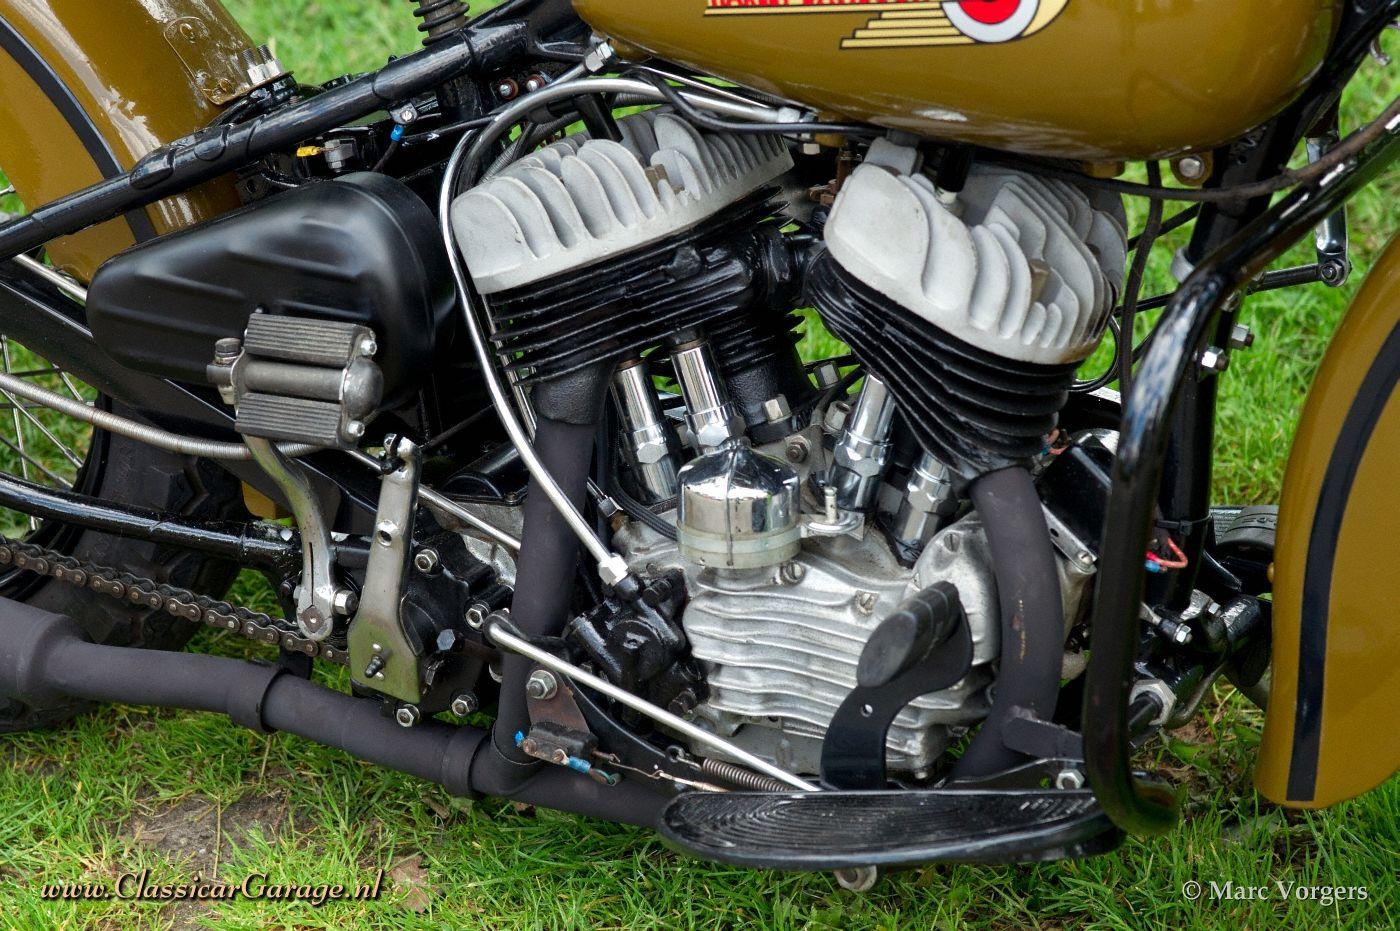 Car Garages Harley Davidson Wlc 1942 Details